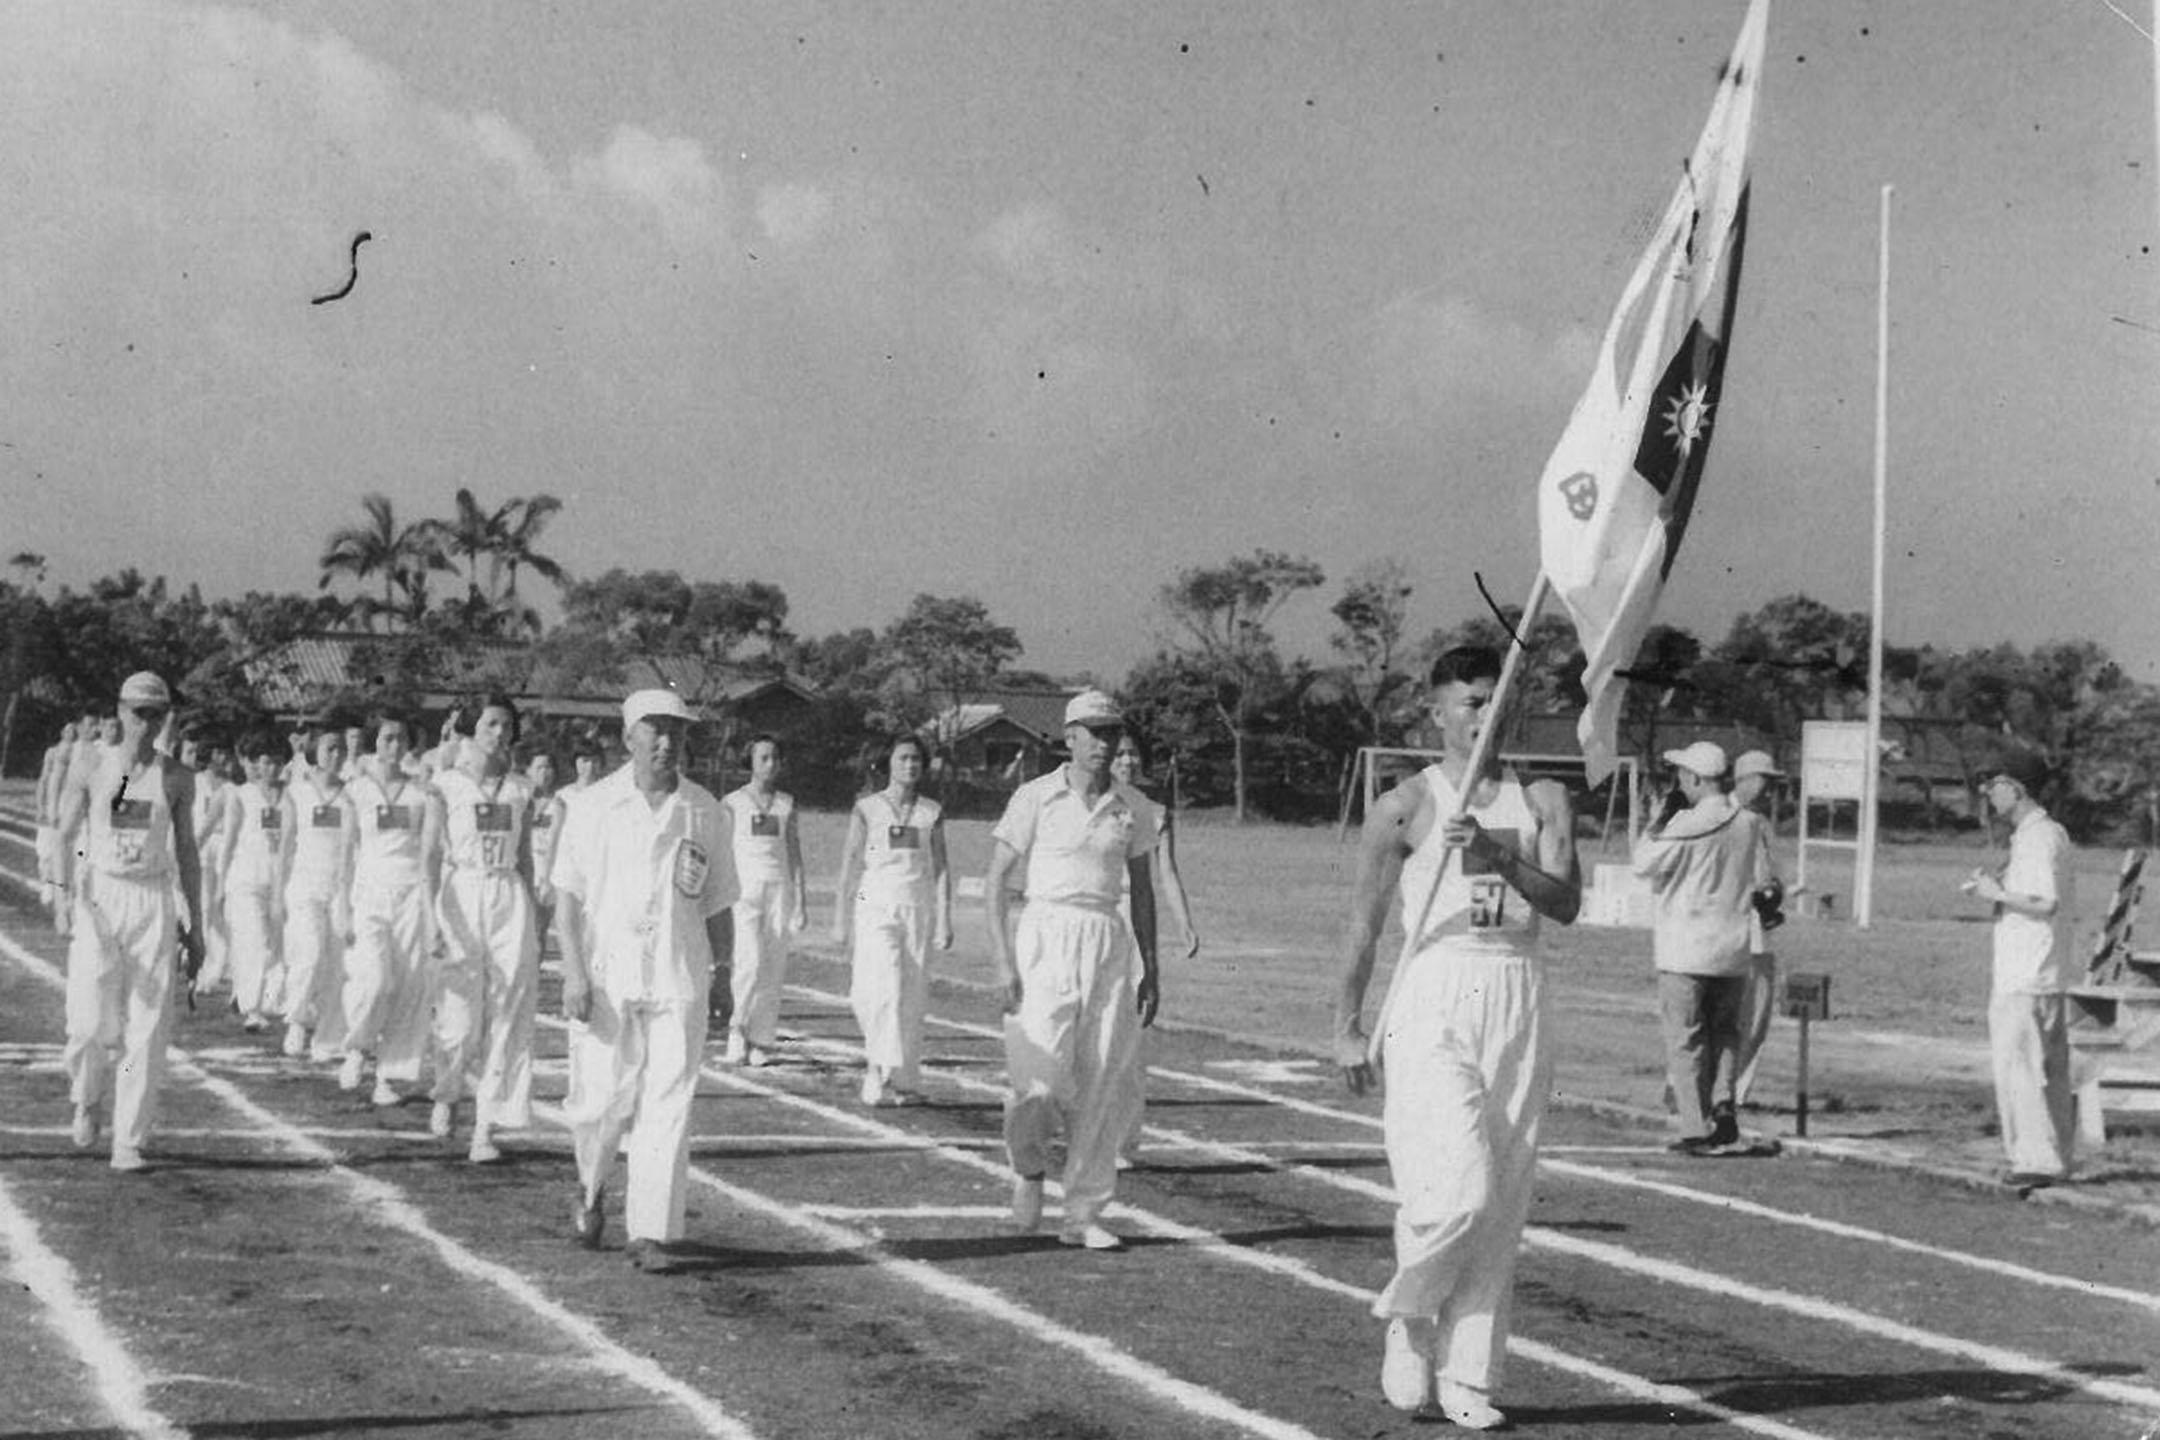 1952年,張星賢擔任台灣田徑隊副總領隊,帶領台灣選手遠征馬尼拉。 圖:國立台灣歷史博物館提供